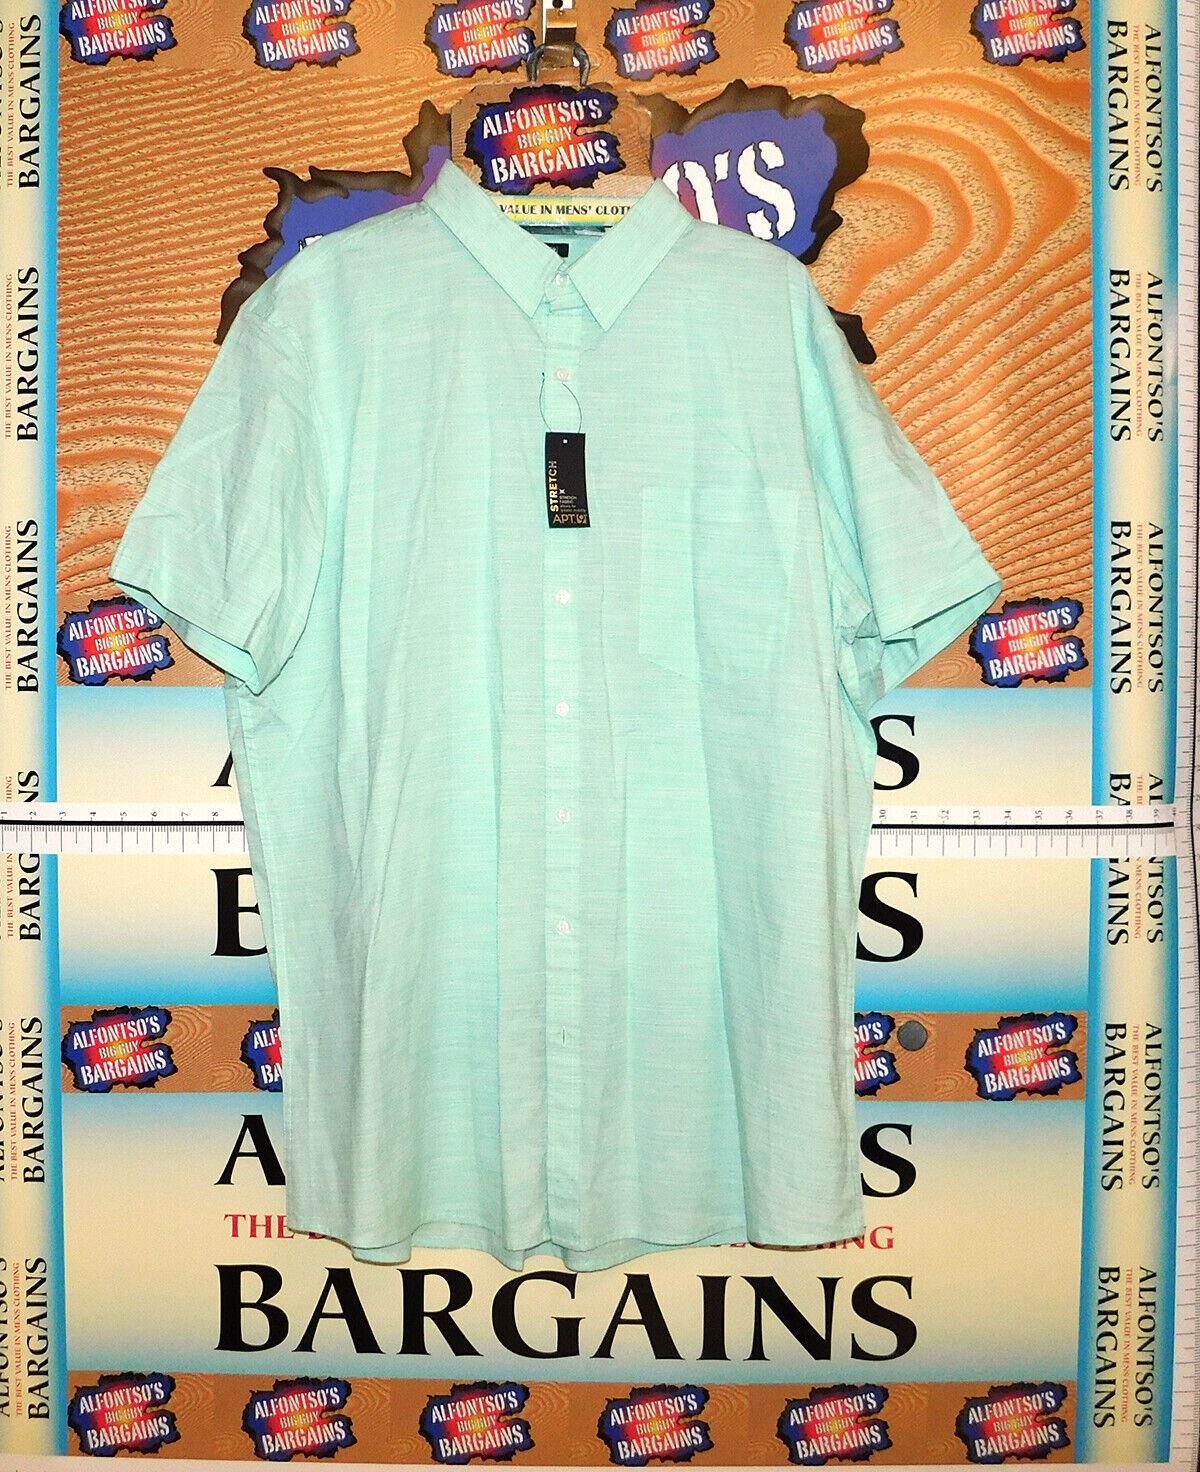 Apt 9. Mens Short Sleeve Flex Shirts Reg $16.99  B&T $19.99